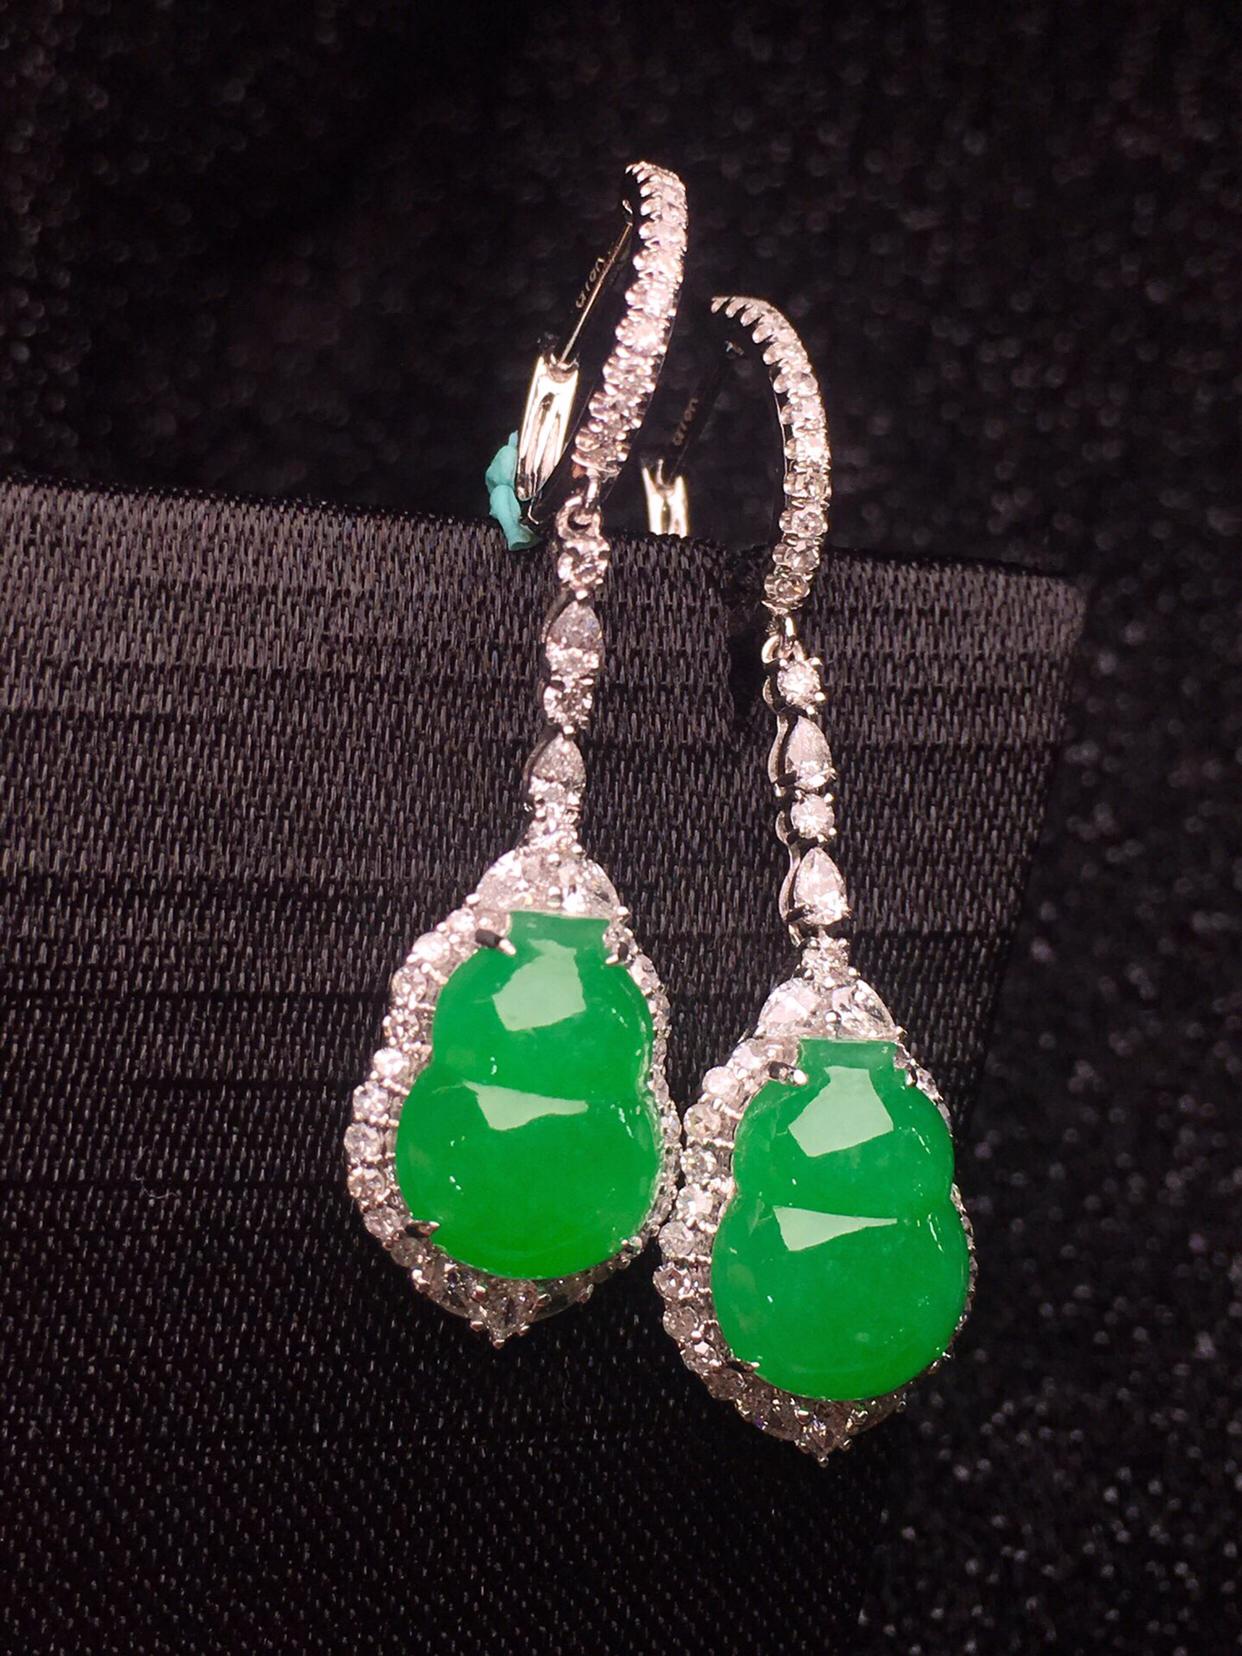 冰阳绿葫芦耳坠     品相漂亮   色泽艳丽   青翠欲滴  种色兼备 18K金南非钻镶嵌